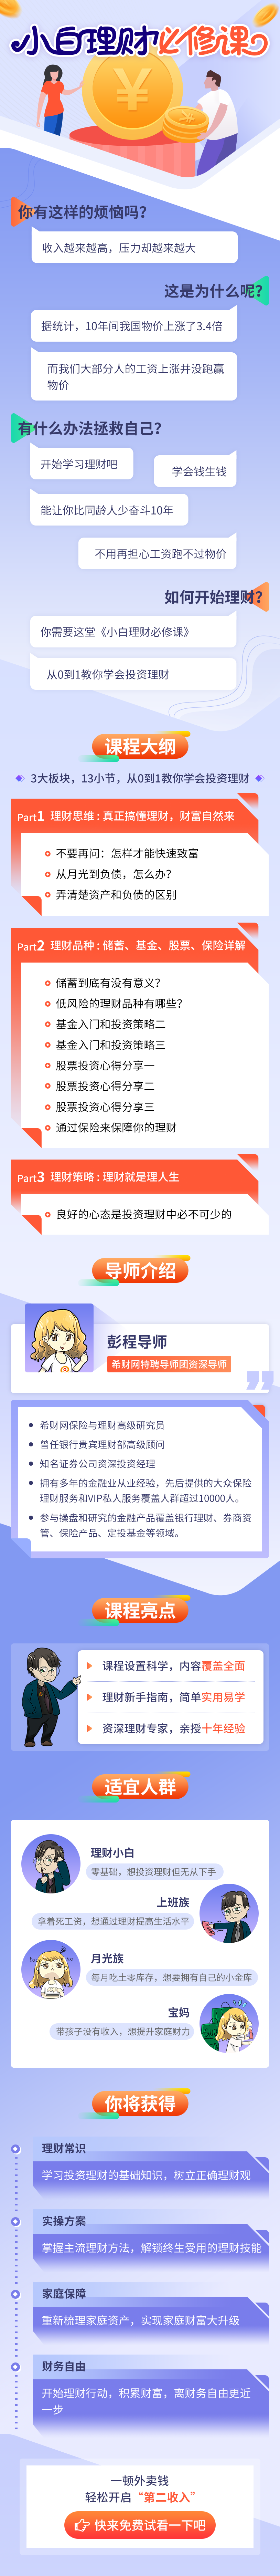 小白理财必修课.png